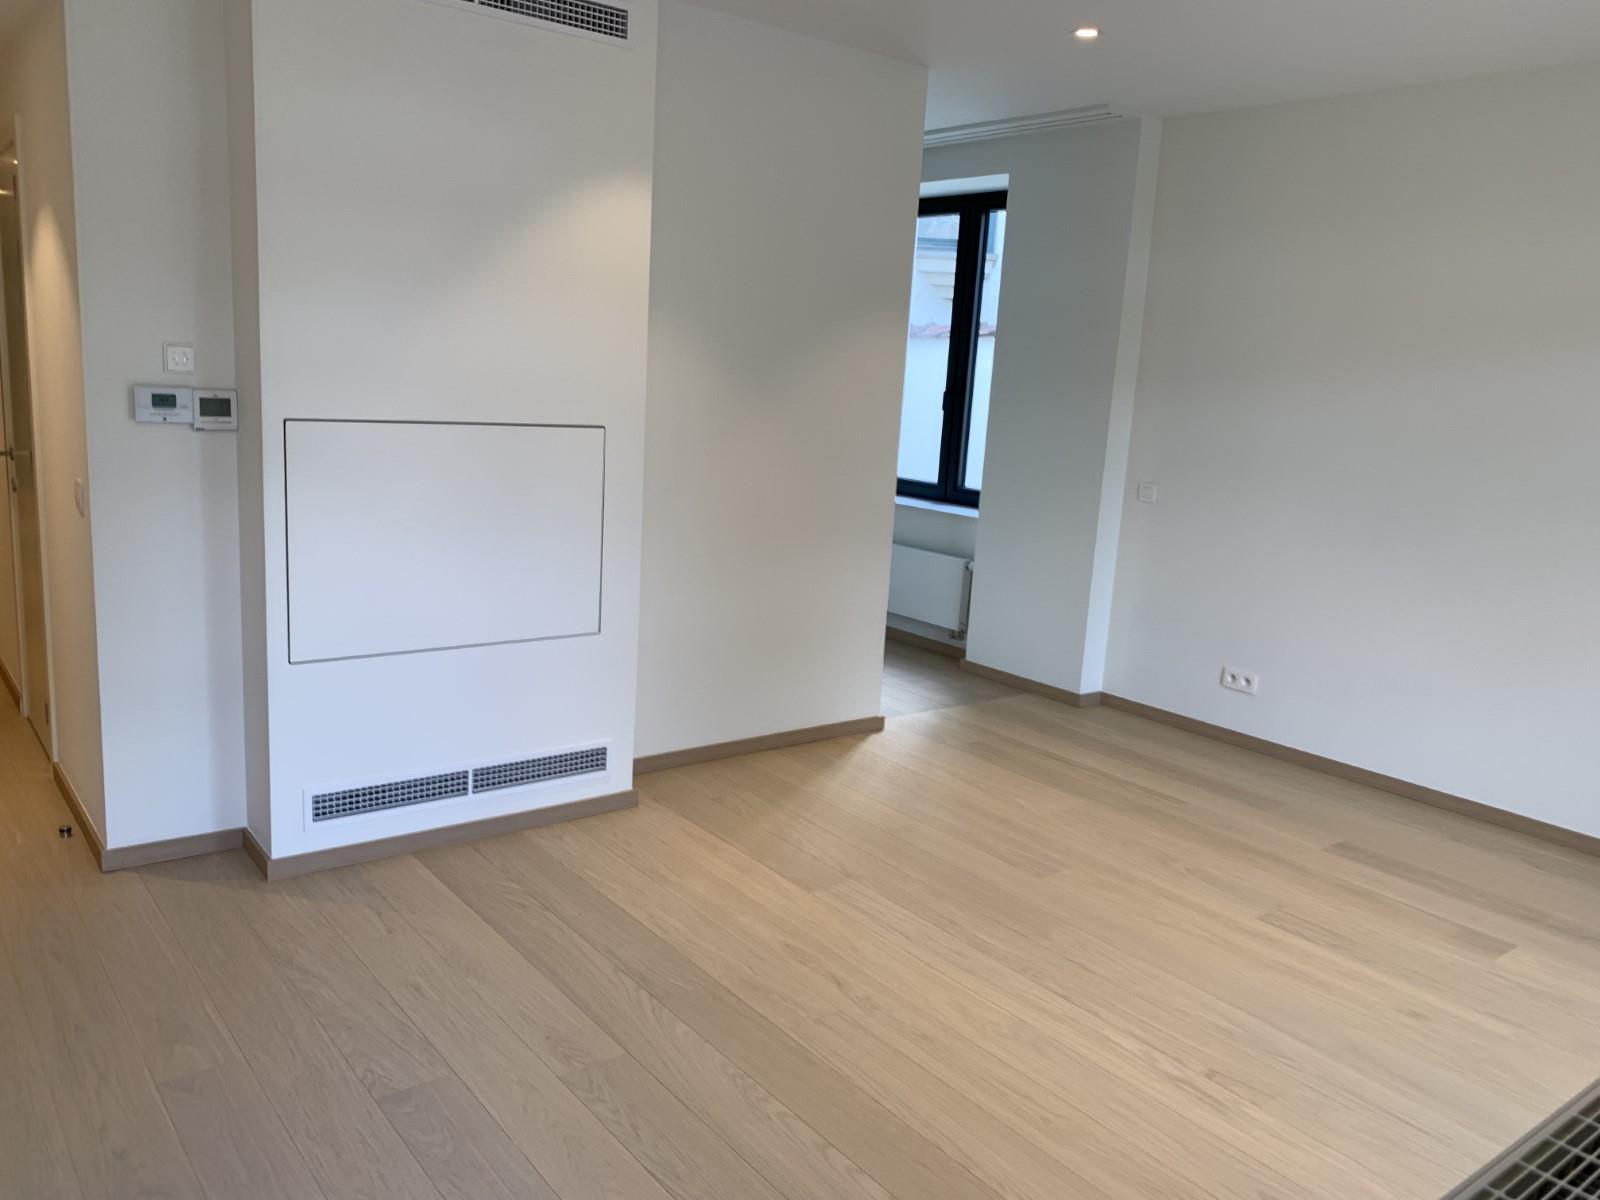 Appartement exceptionnel - Ixelles - #3964982-3